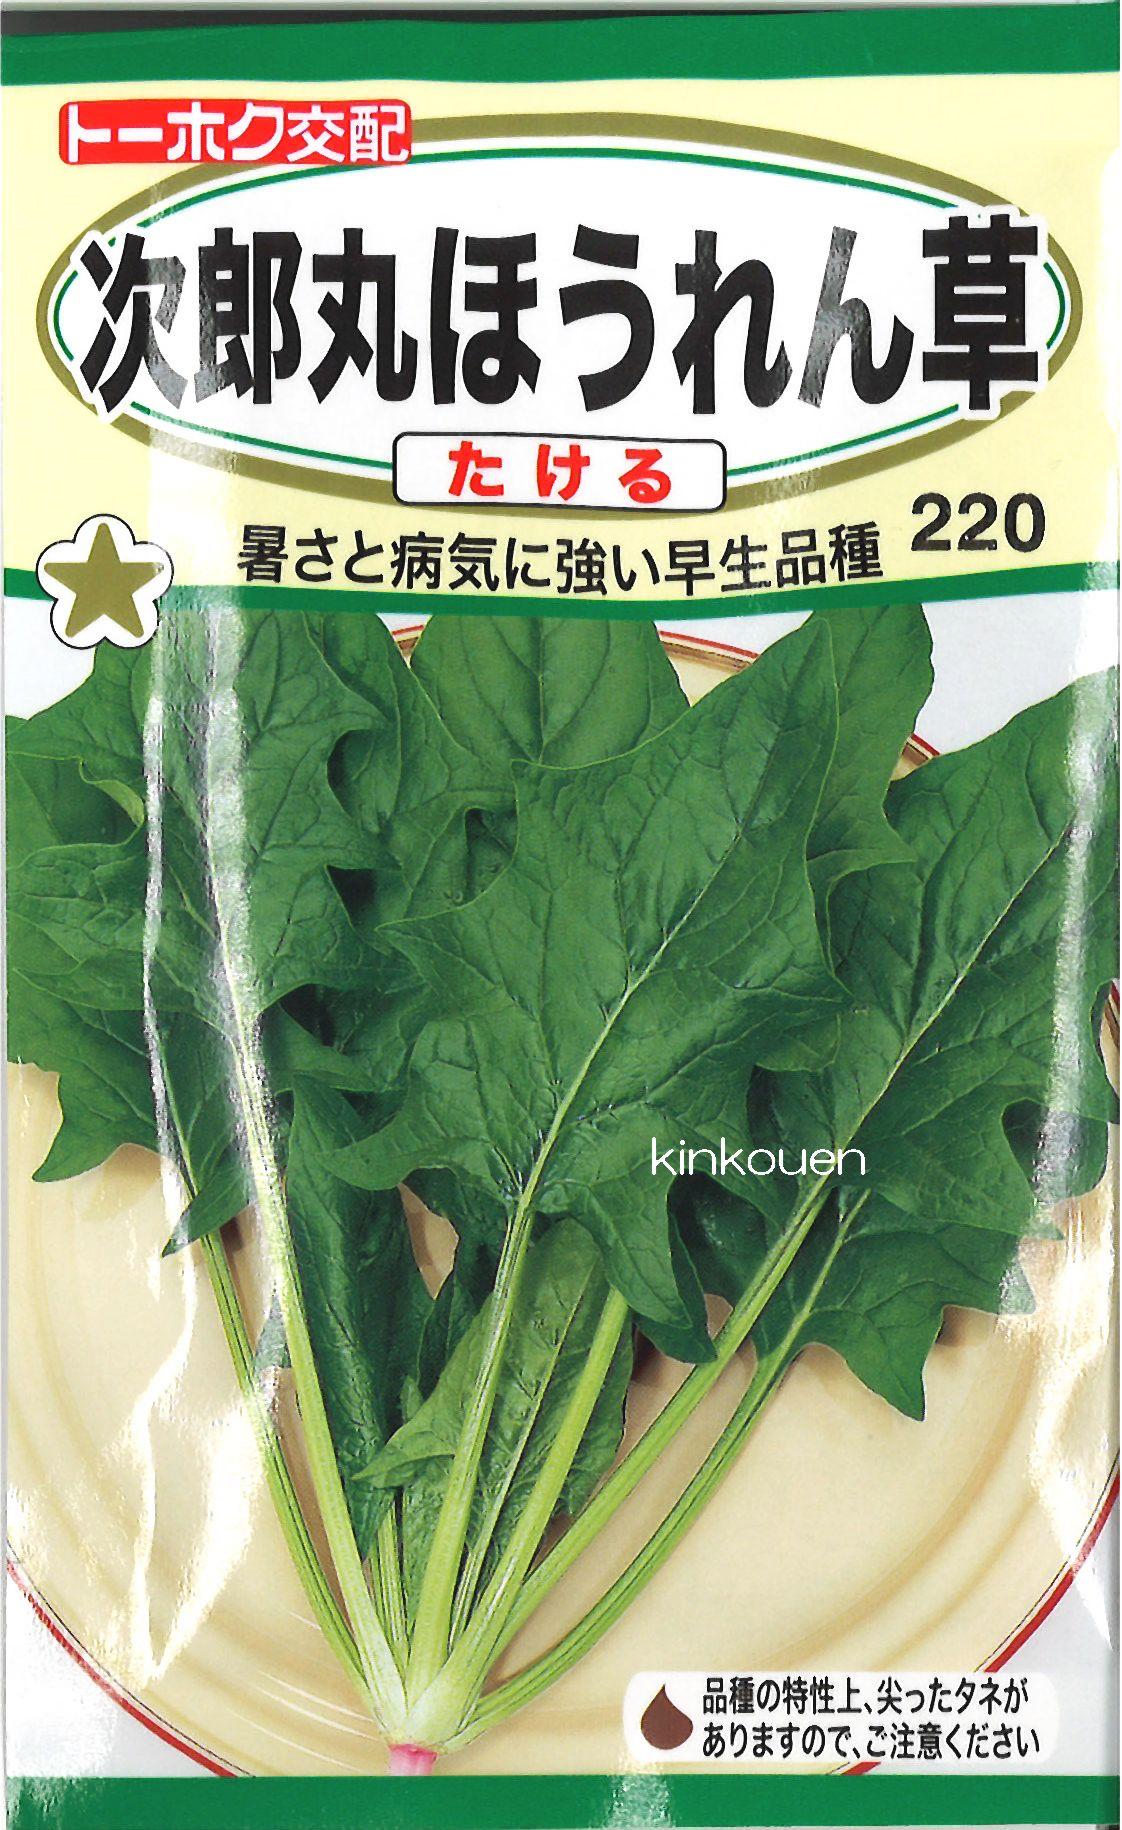 【代引不可】【5袋まで送料80円】 □次郎丸ほうれん草たける